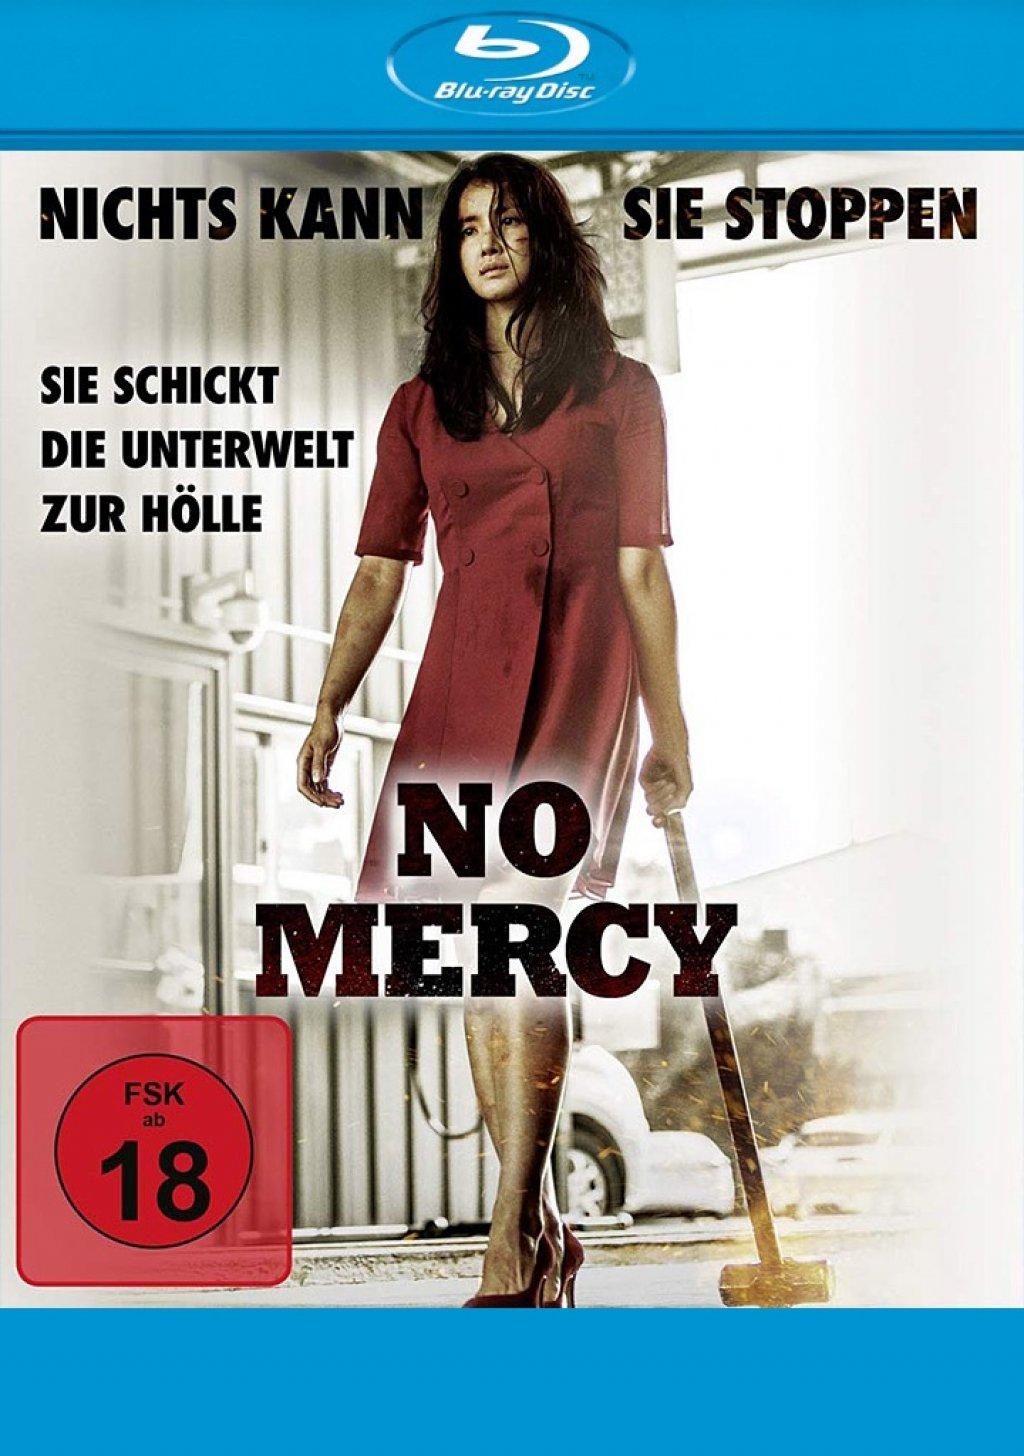 Wwe No Mercy 2021